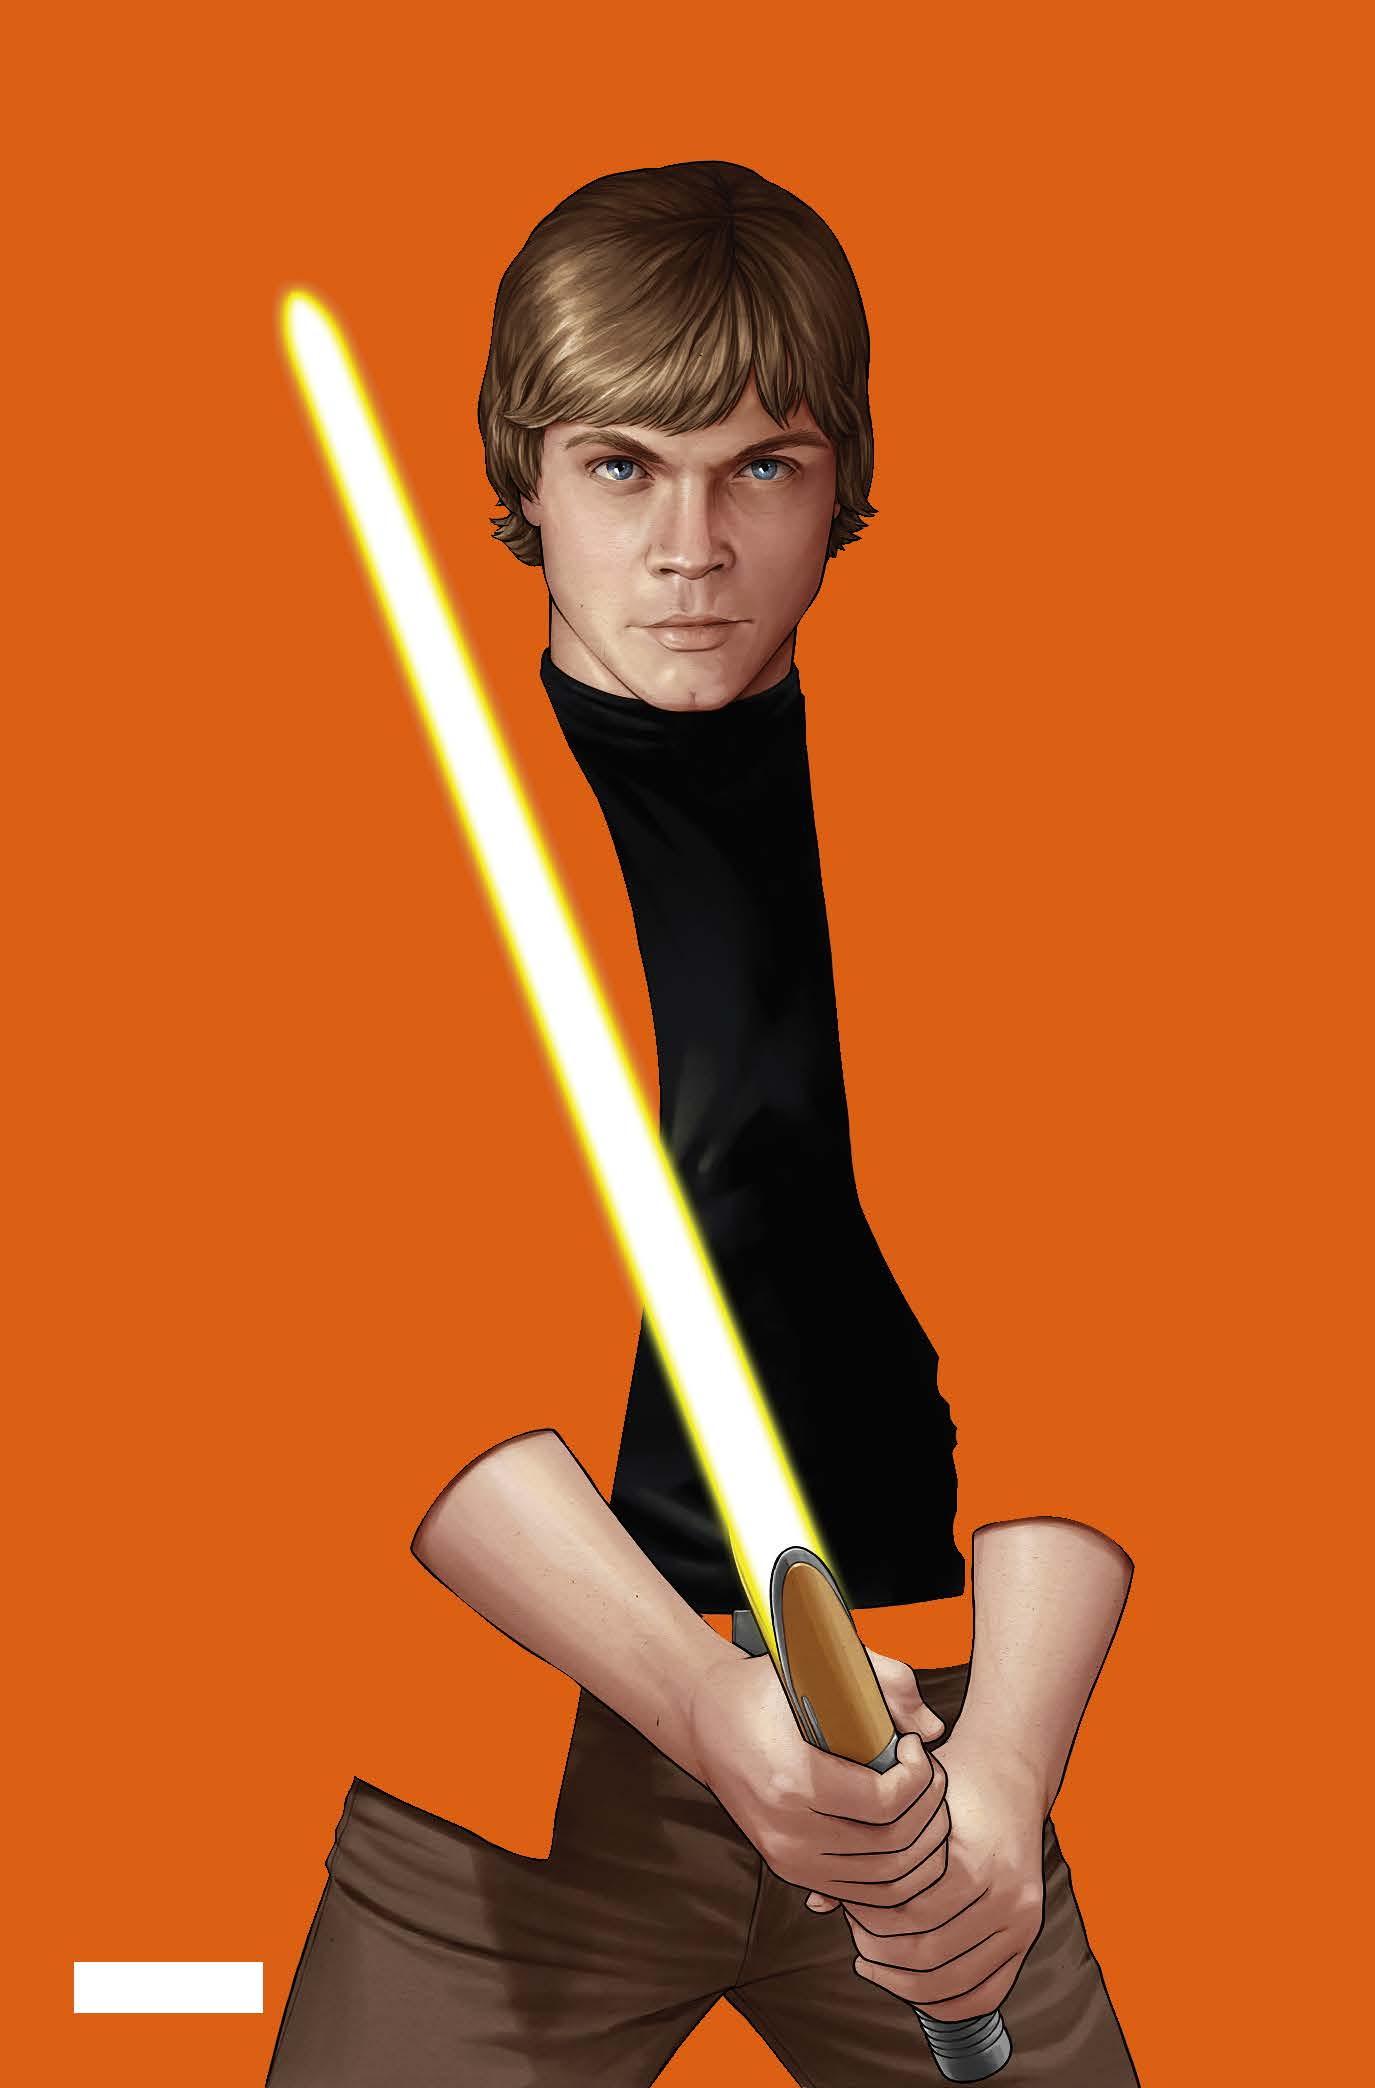 Star Wars #7 (John Tyler Christopher NYCC Variant Cover) (Dezember 2020)